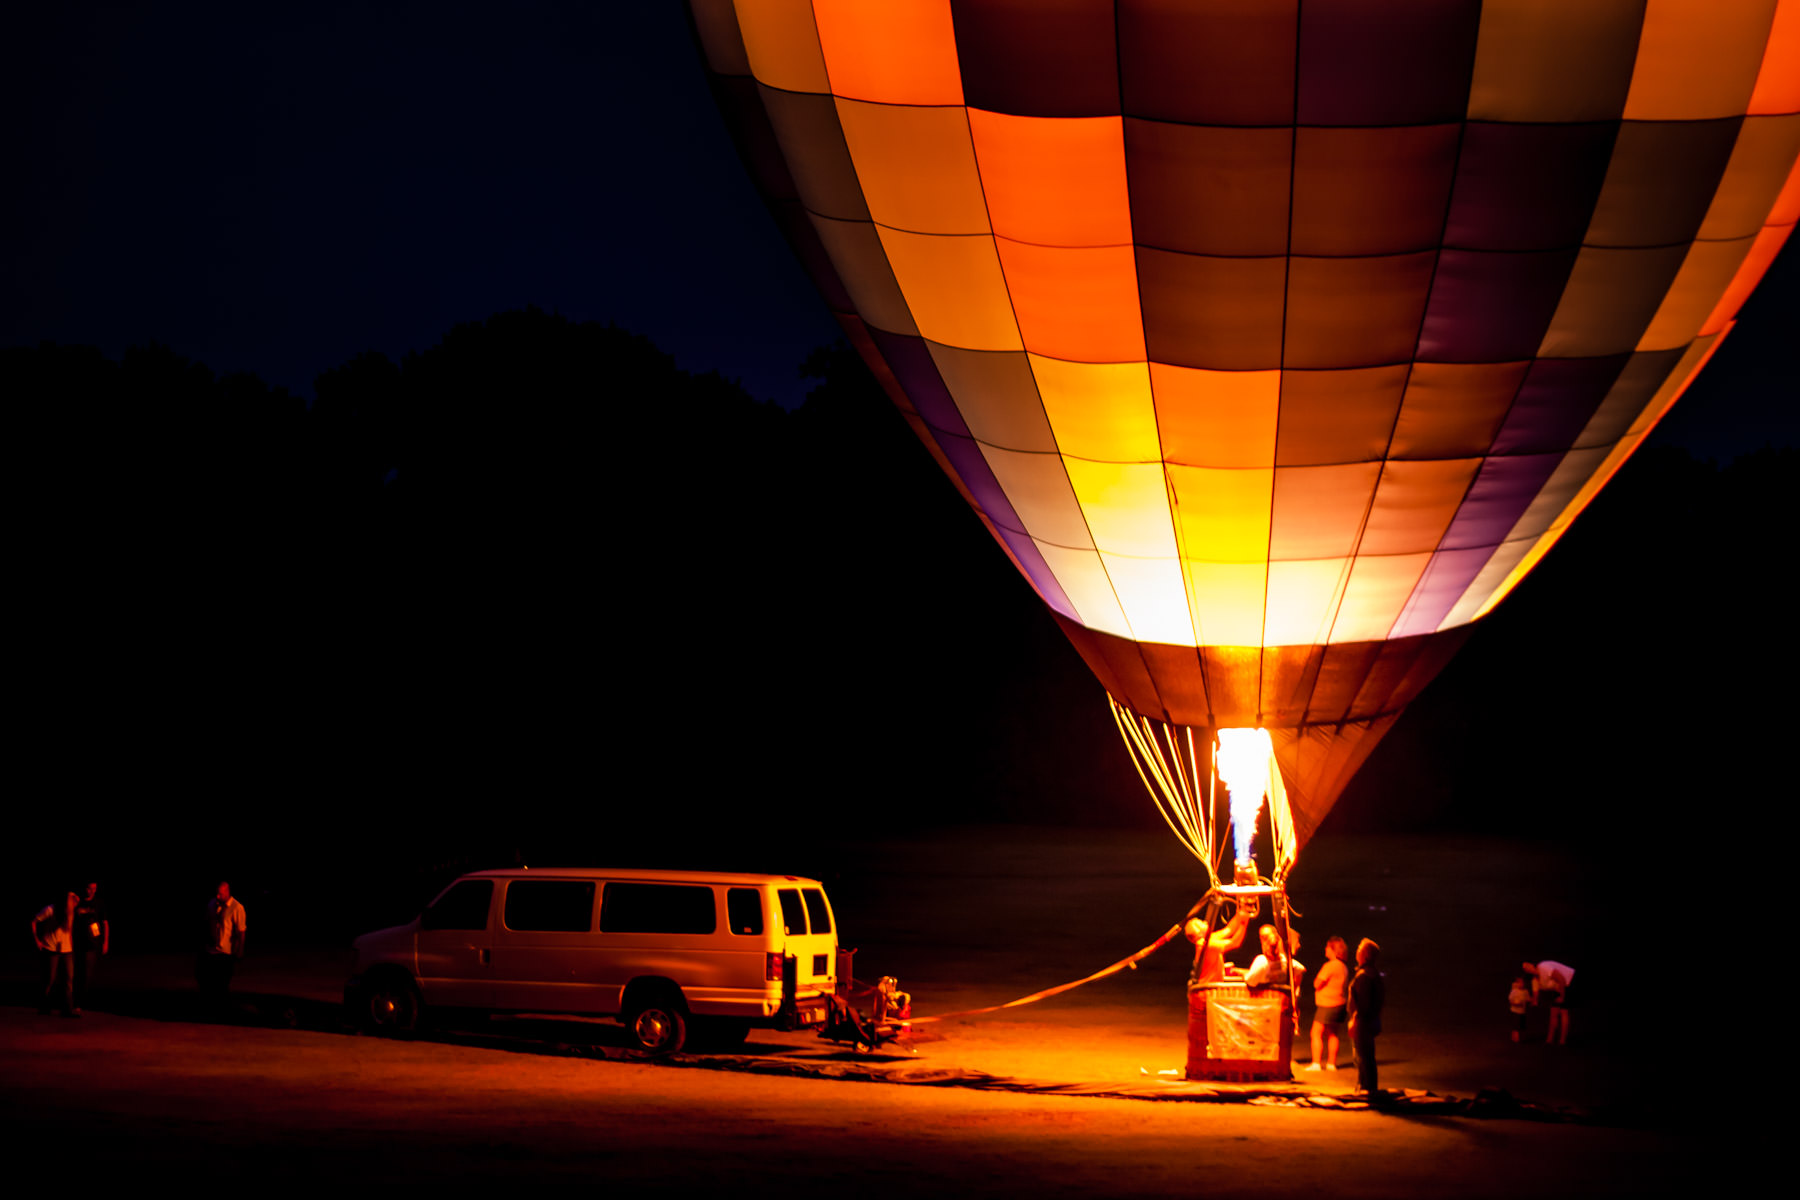 A balloon glows at the Plano Balloon Festival, Texas.